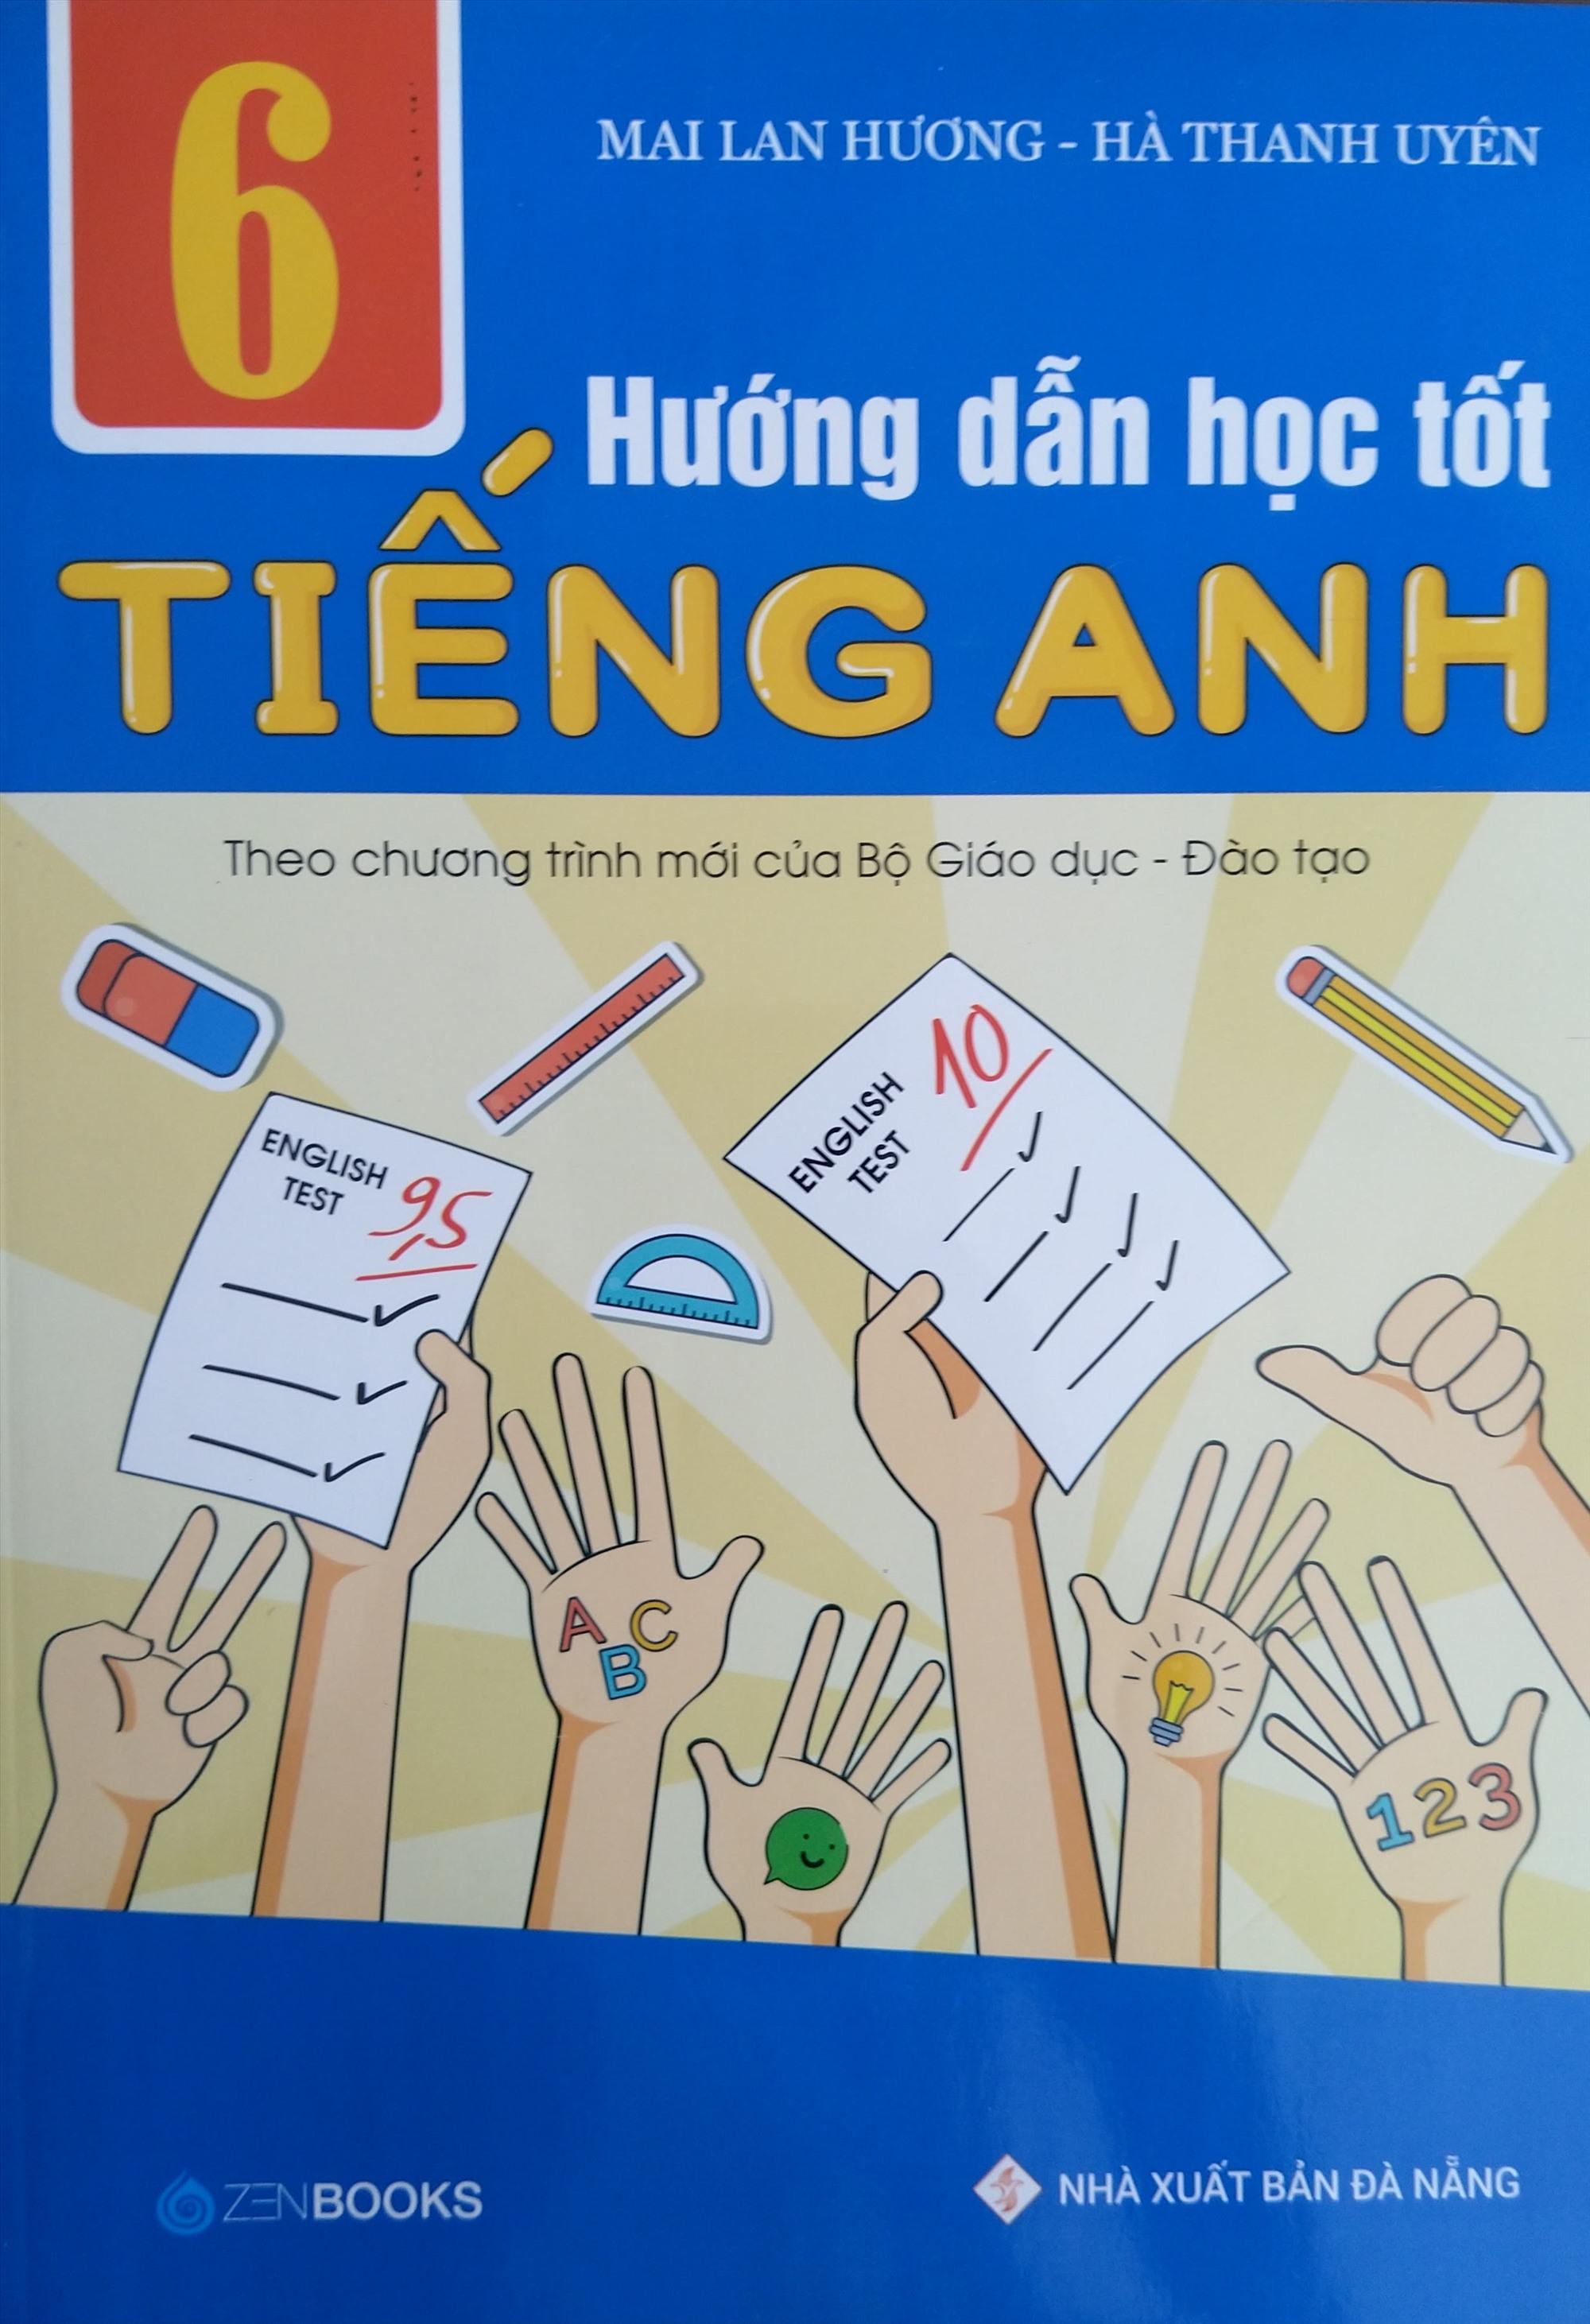 Sách Hướng dẫn học tốt tiếng Anh lớp 6 của Mai Lan Hương và đồng nghiệp. Ảnh: T.N.N